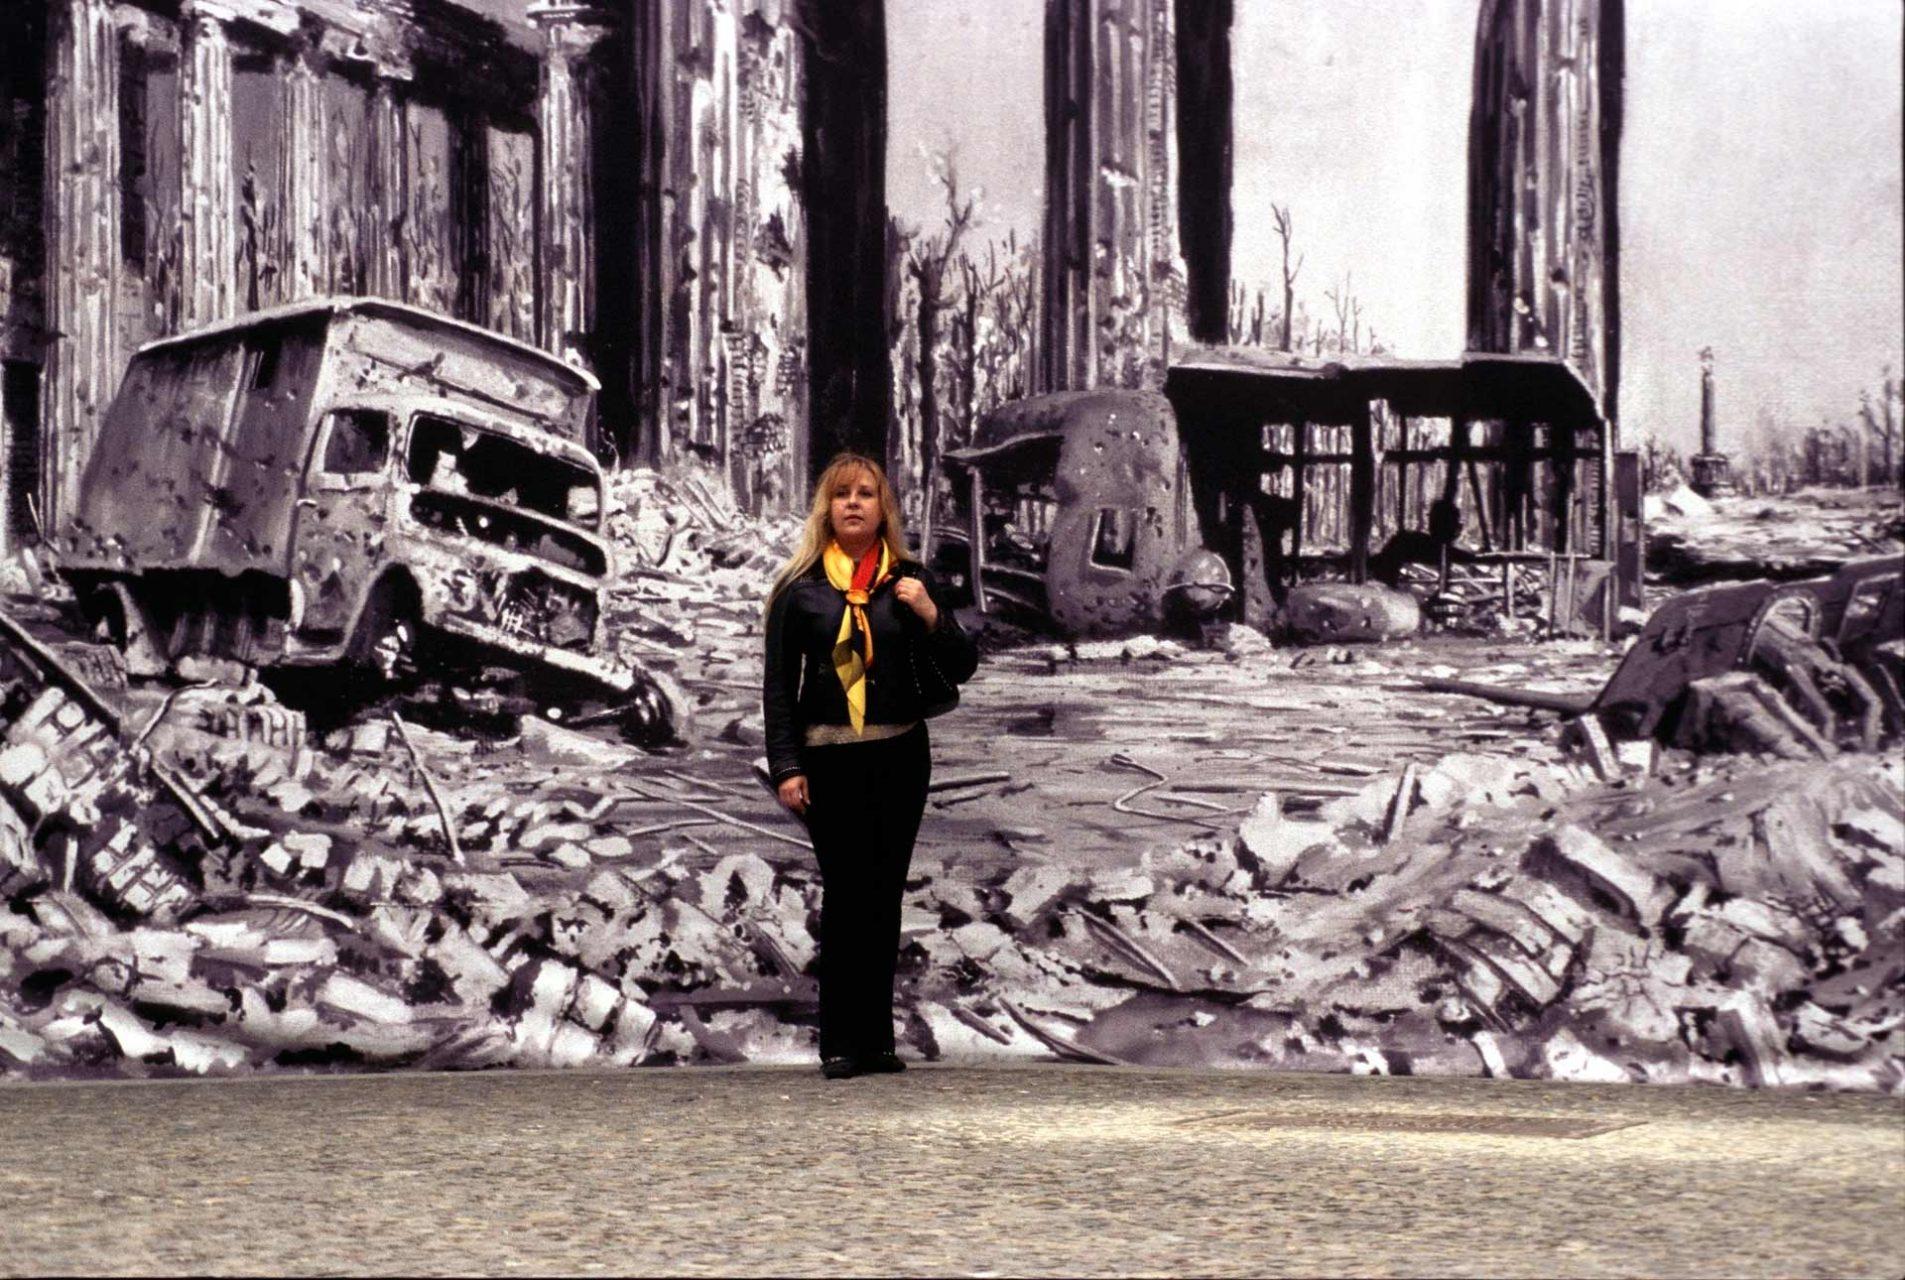 Eine Visualisierung des Brandenburger Tores auf dem Pariser Platz, wie es nach dem Kampf um Berlin ausgesehen hat.